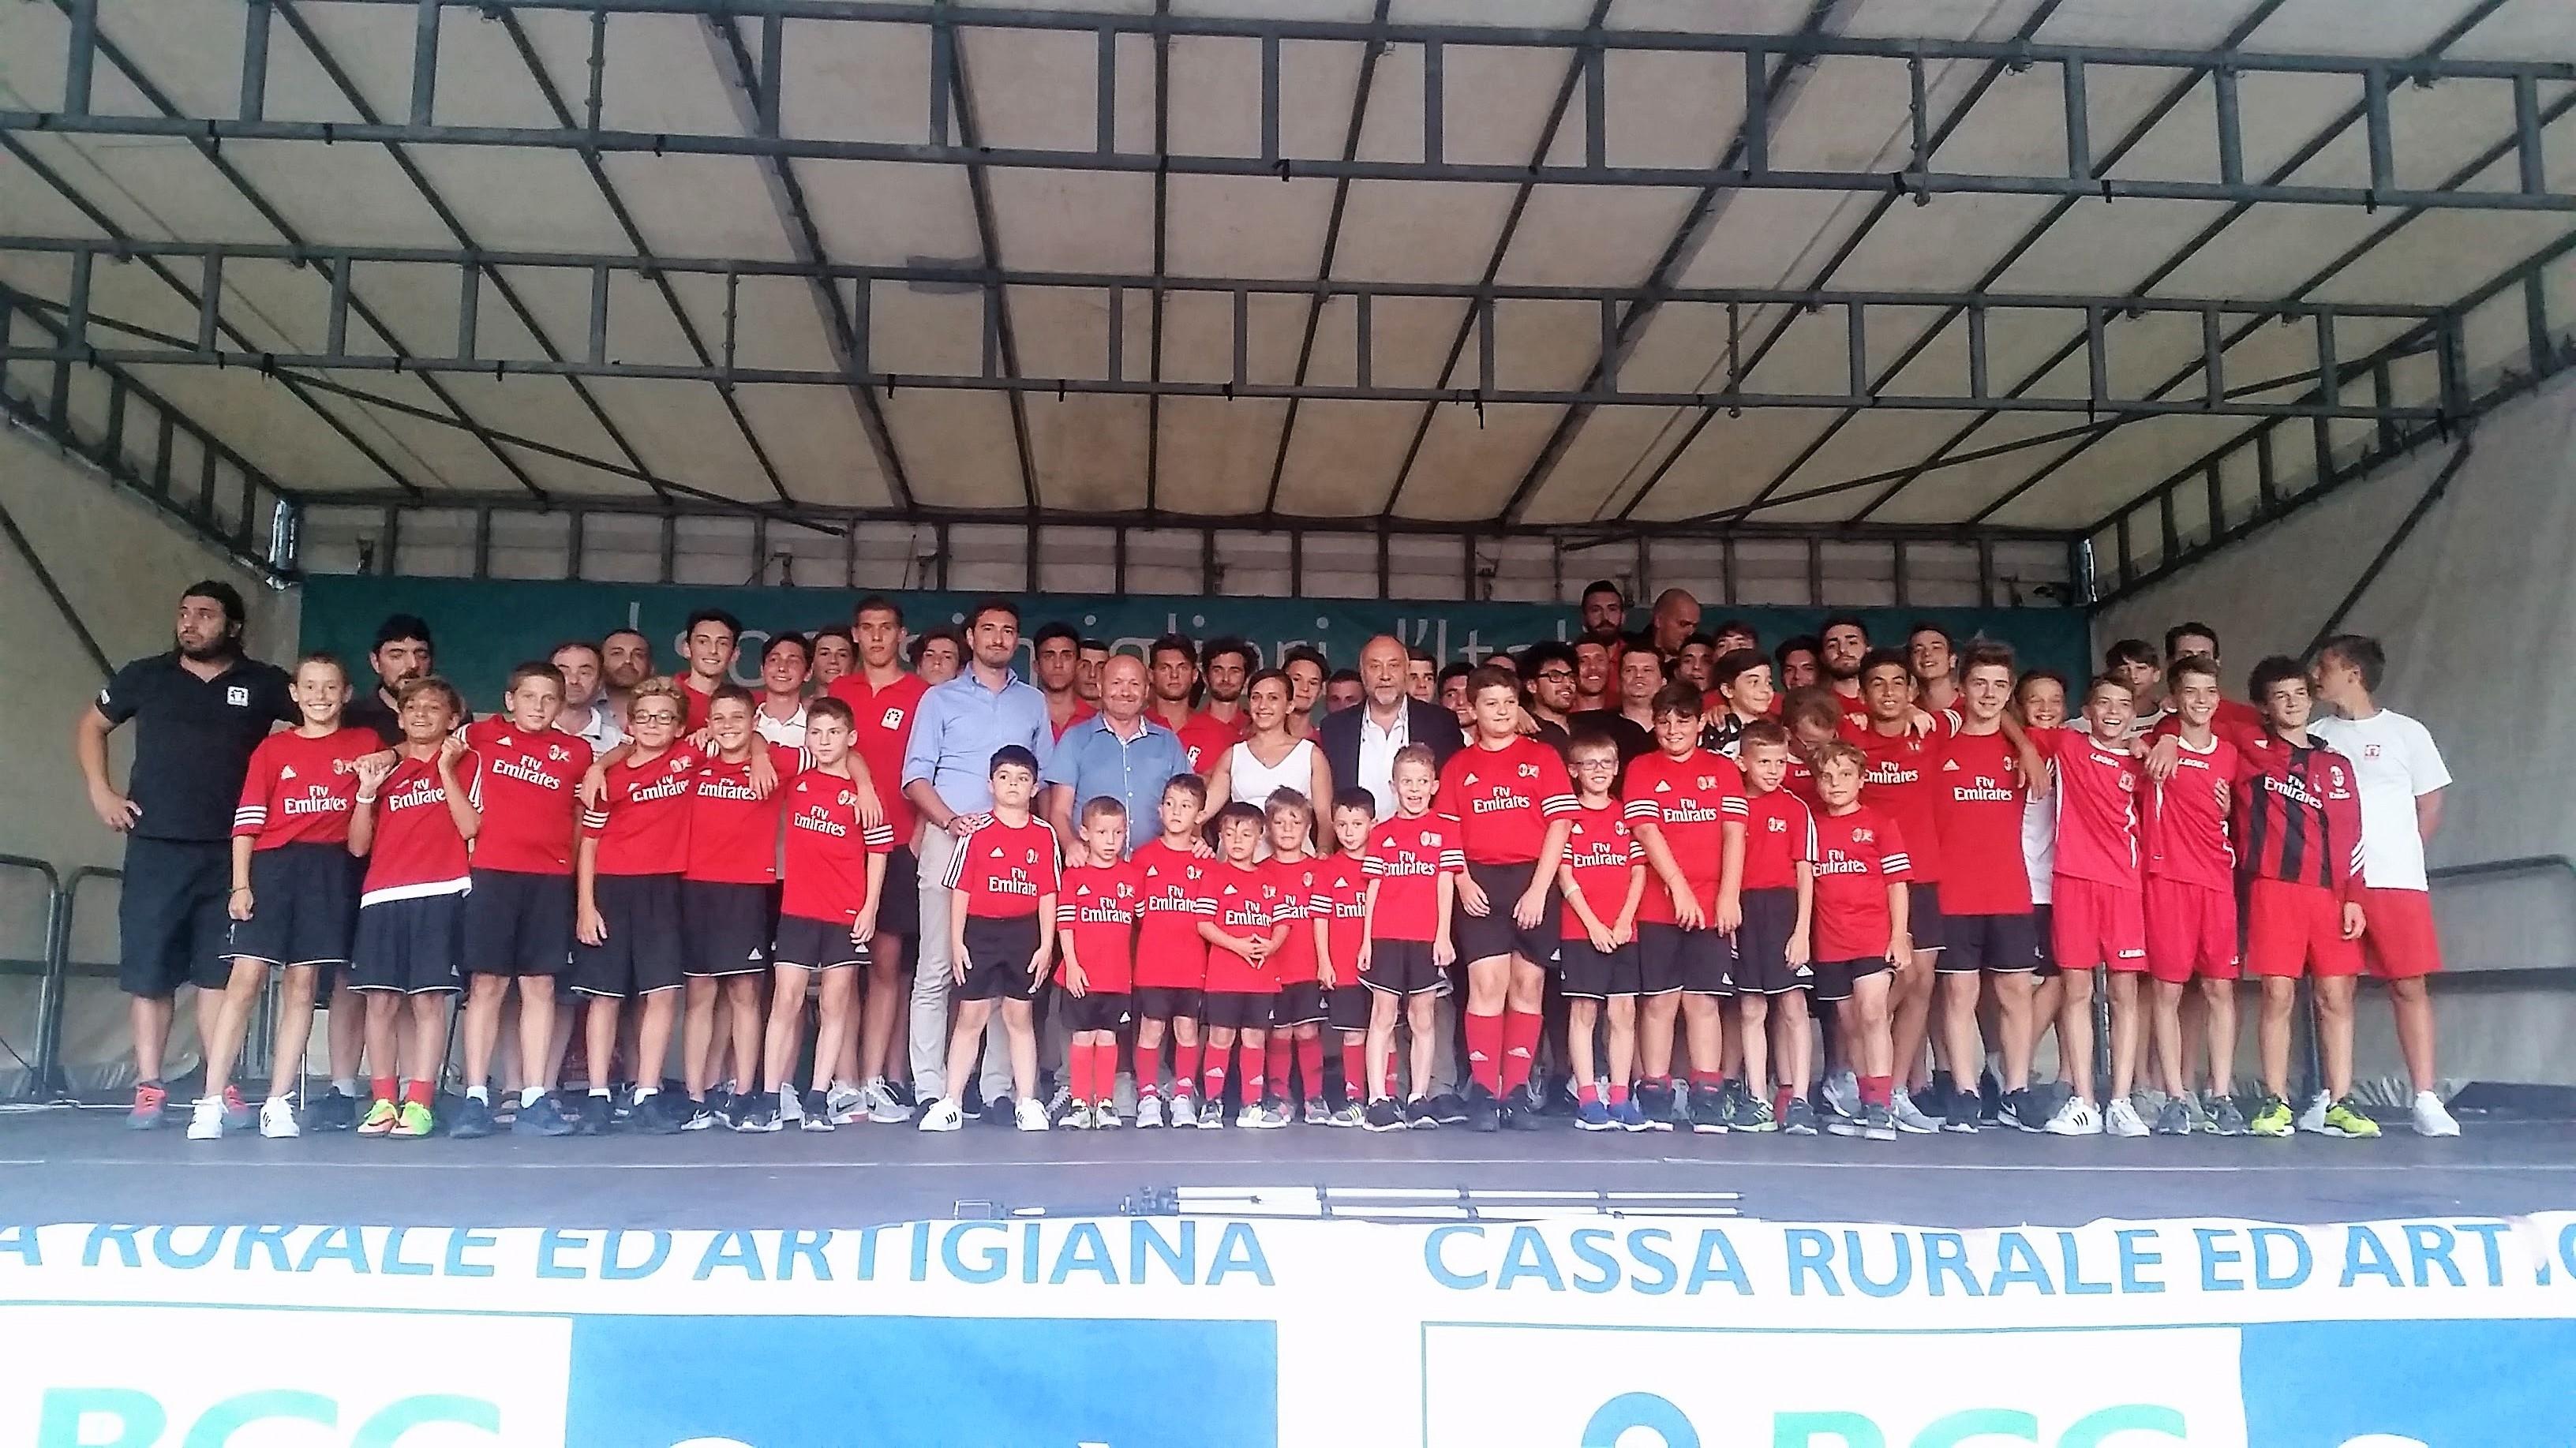 Presentazione delle squadre dell'ASD Cantù Sanpaolo stagione 2017/2018